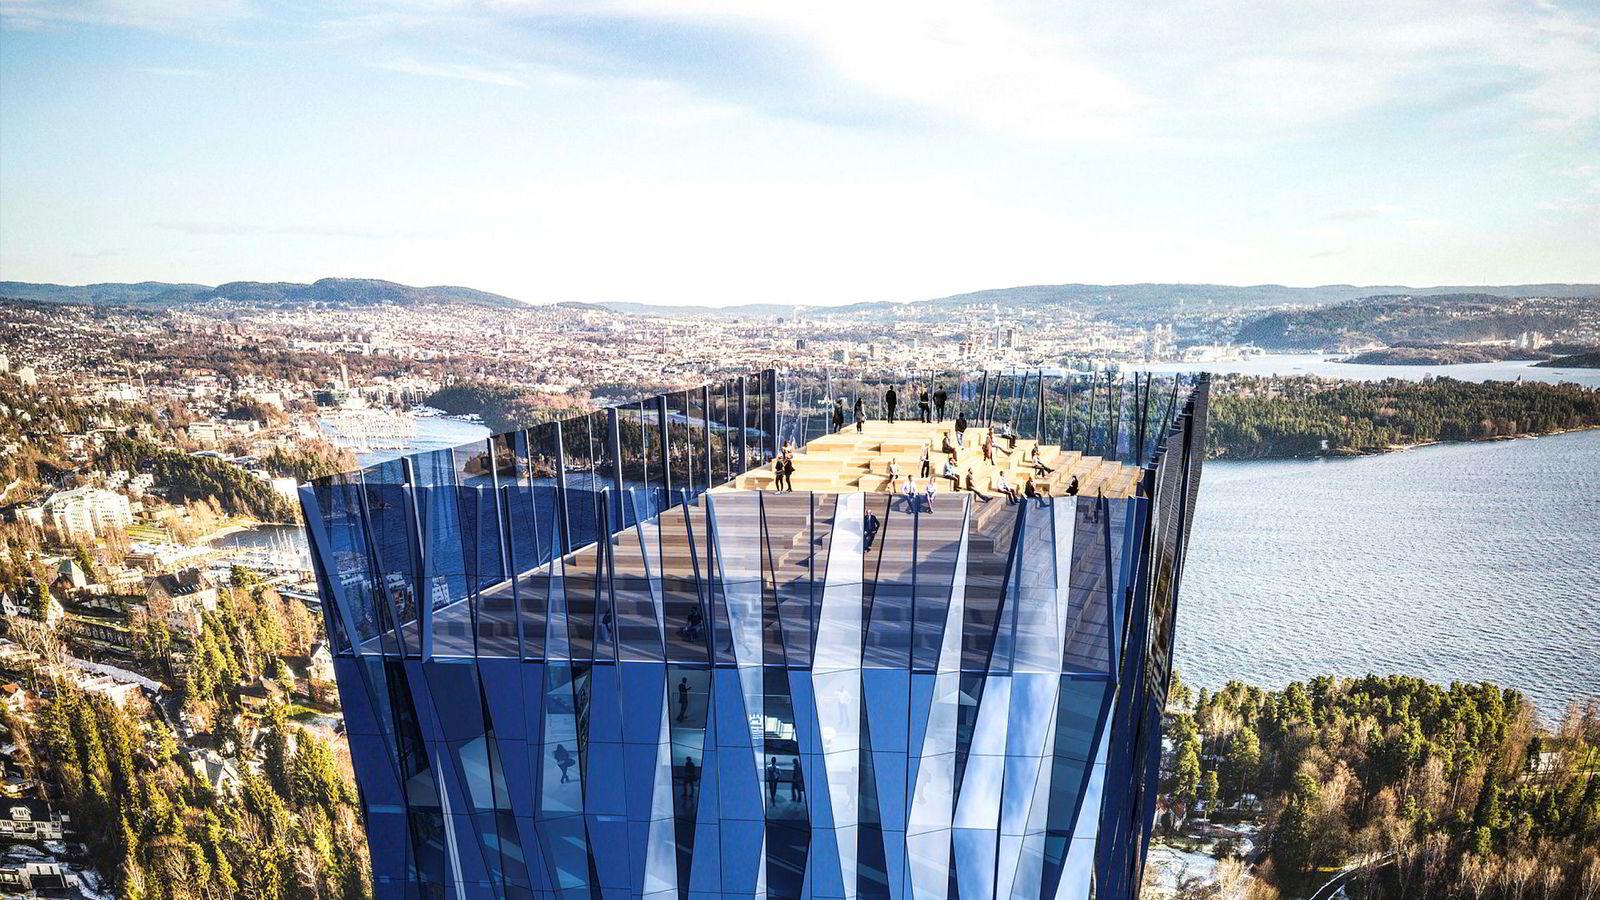 Viljen til å inngå en avtale om inndragning av merverdien kan i så måte være en test på om intensjonen bak bygget virkelig er samfunnsnytten, skriver artikkelforfatteren. Bildet viser Kjell Inge Røkkes skyskraper «Den store blå».